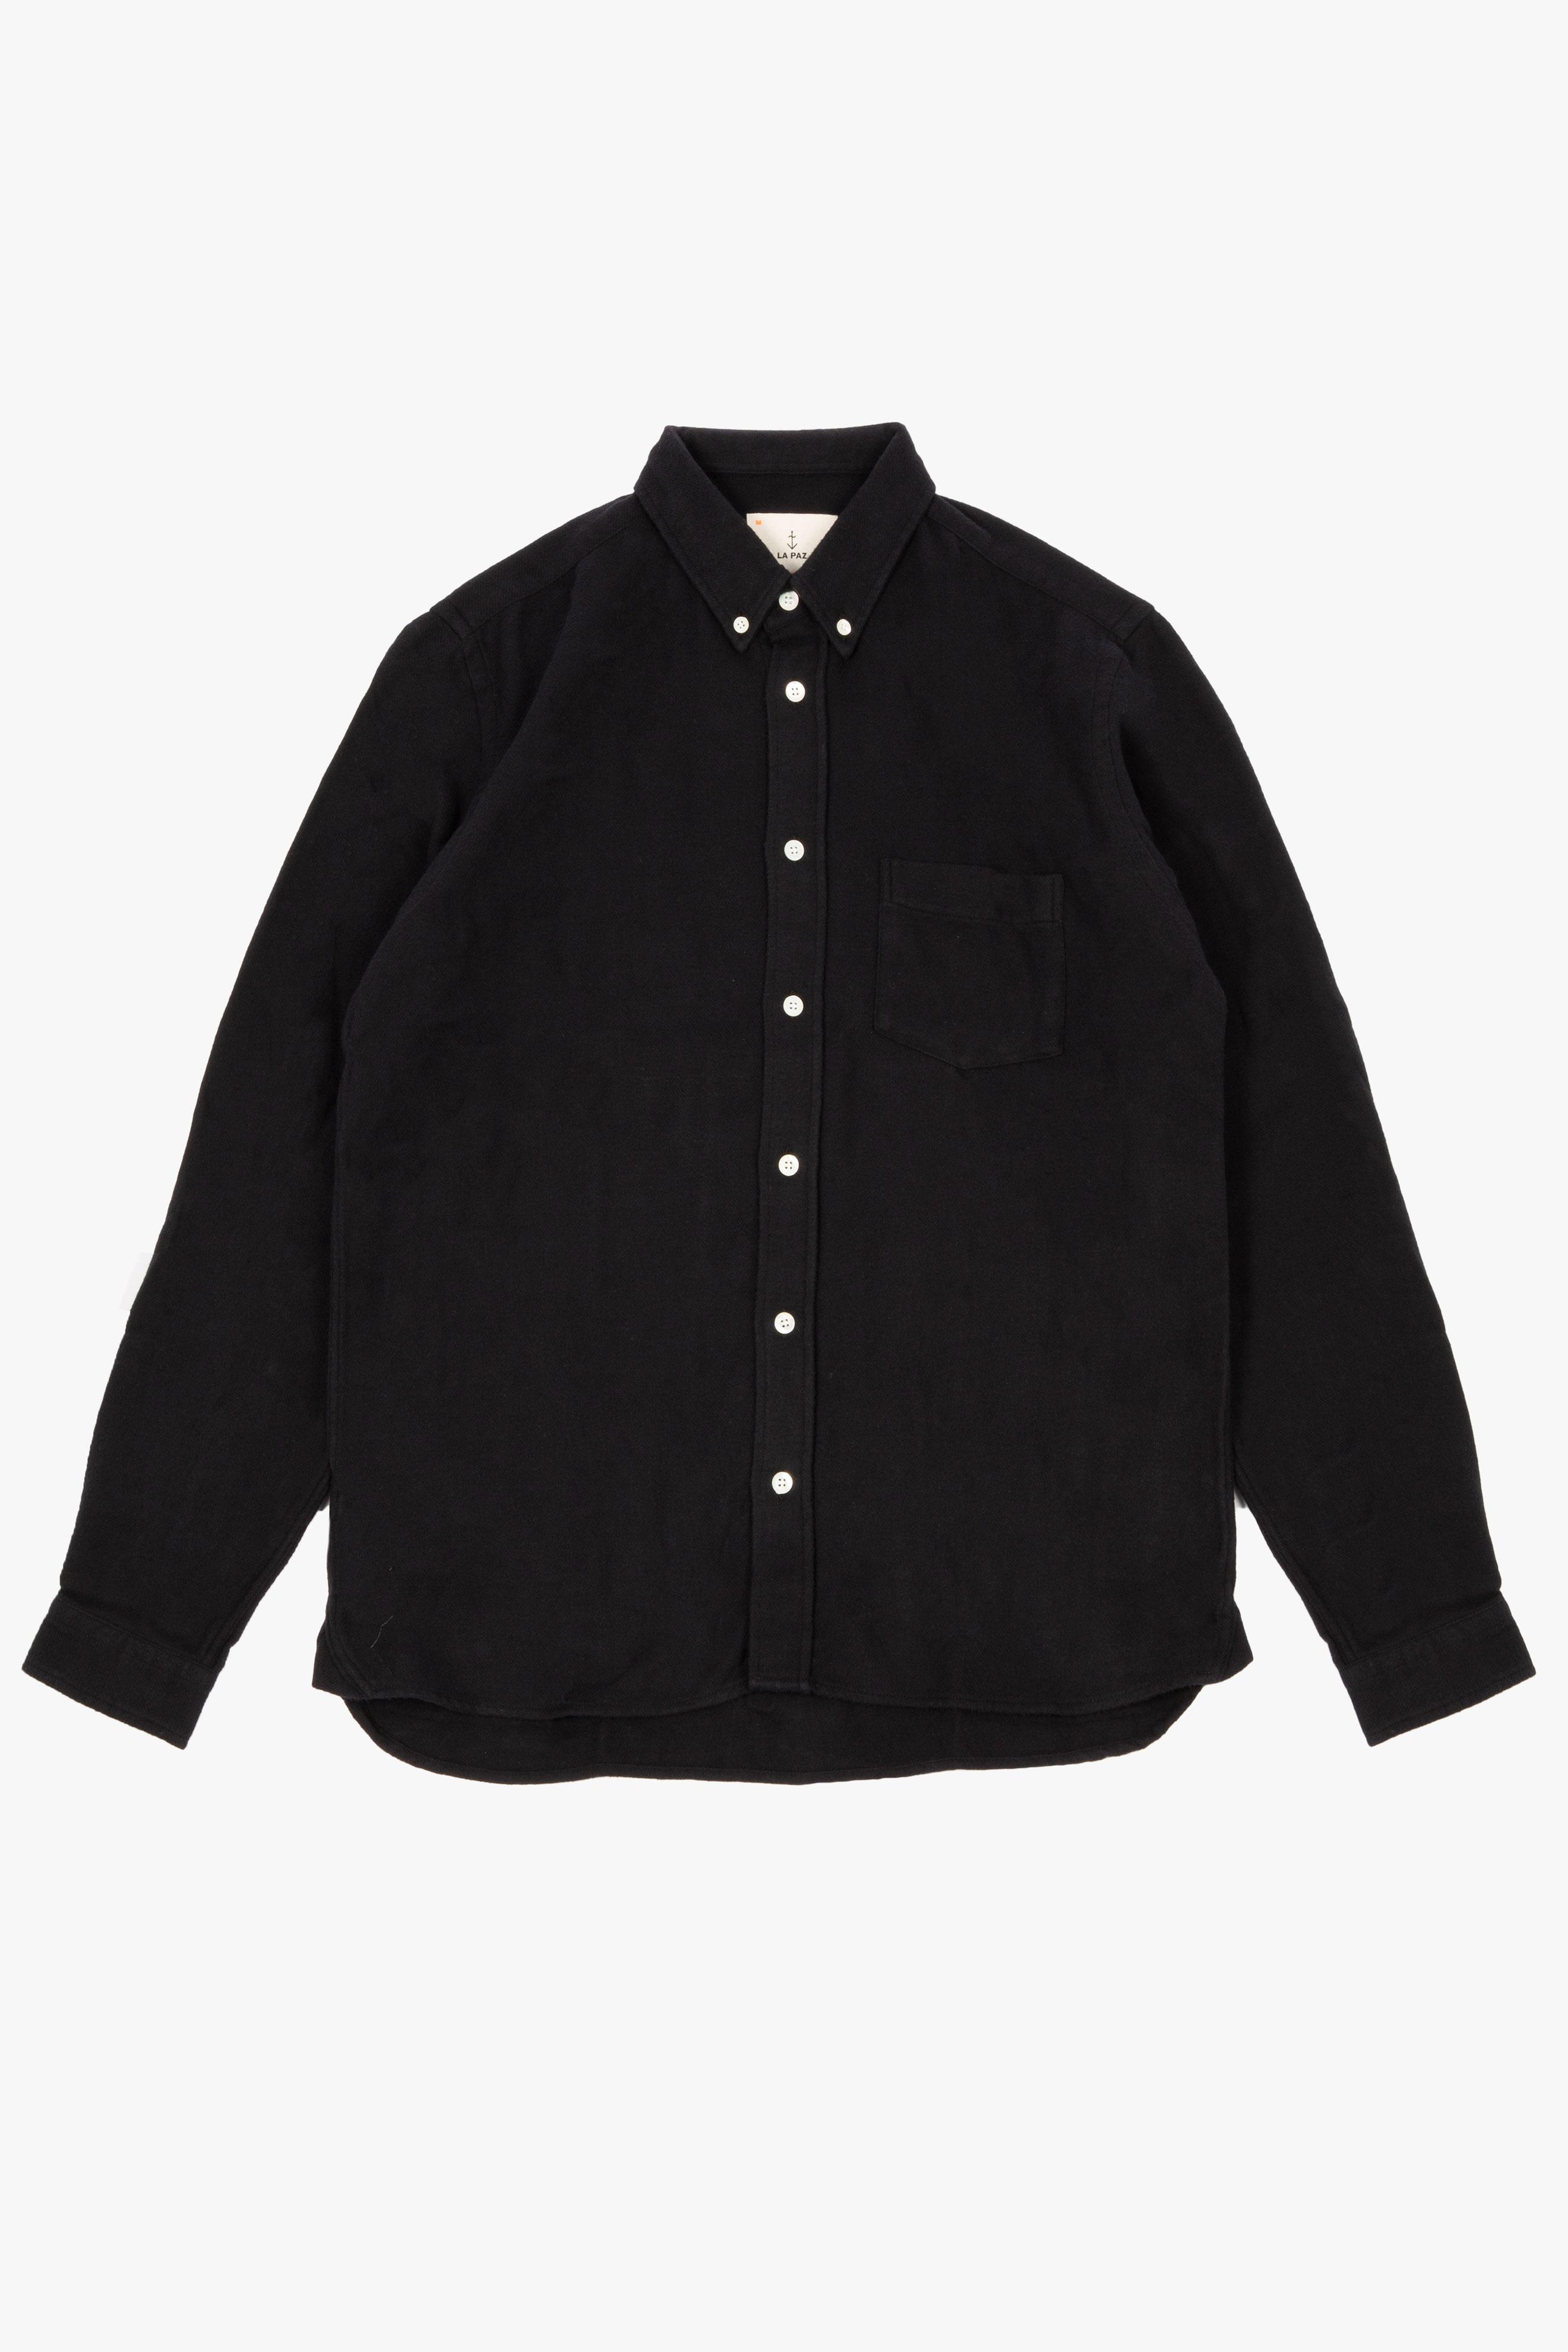 Branco Shirt Black